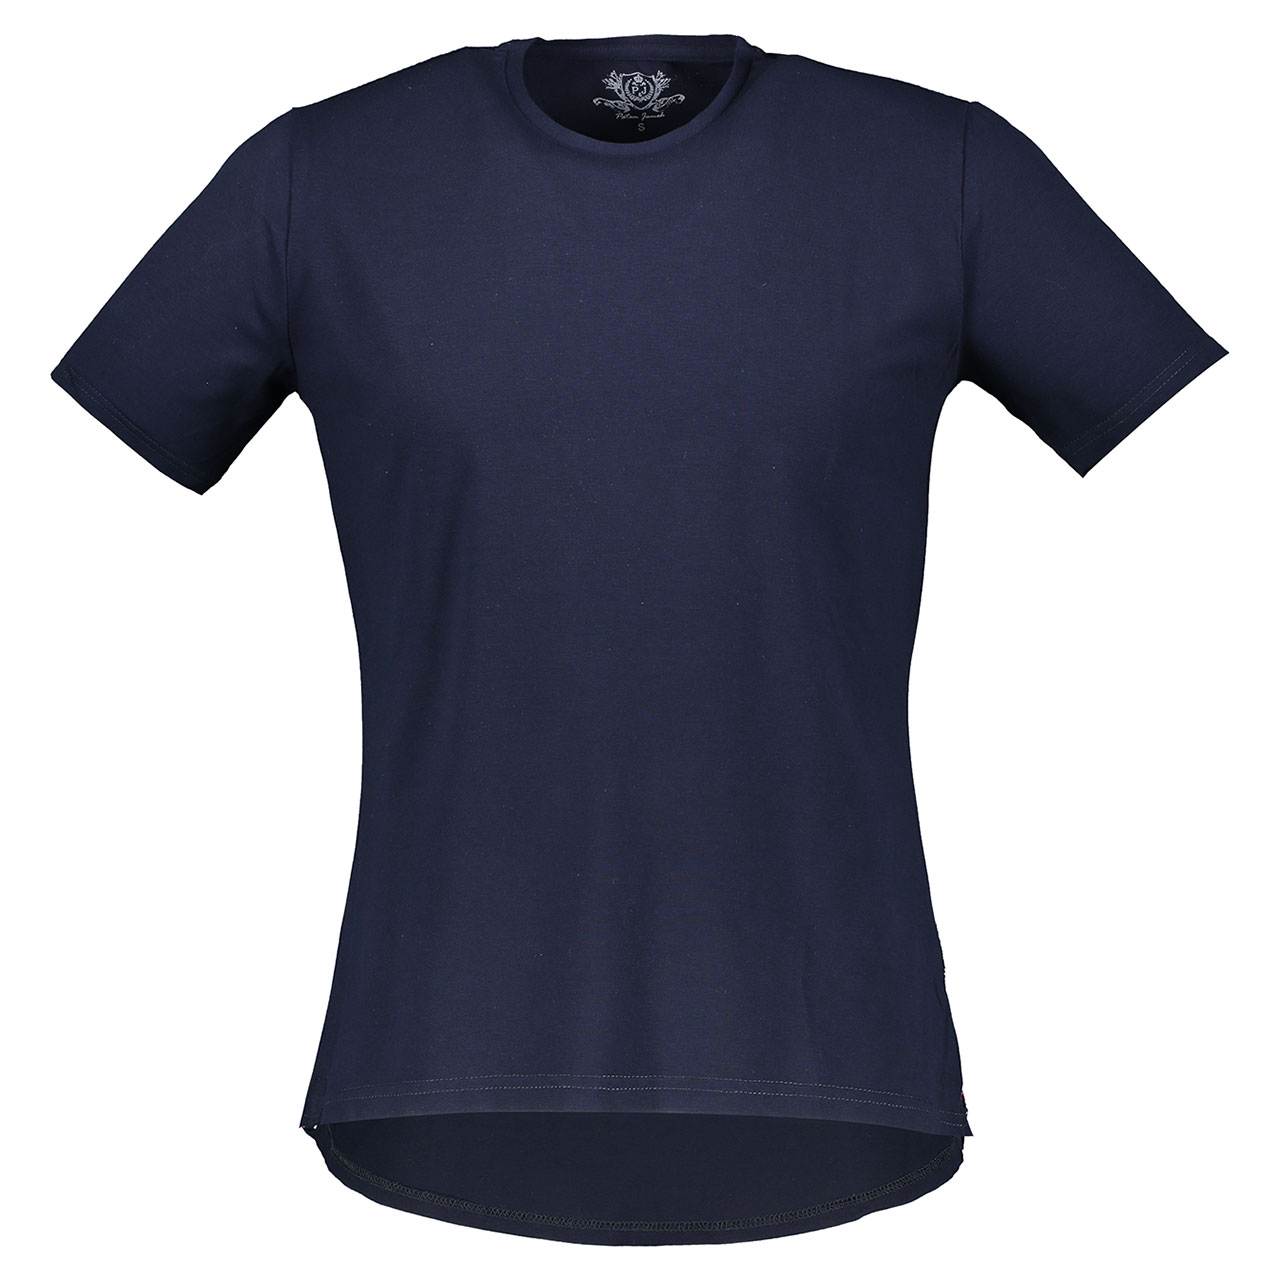 تی شرت مردانه پاتن جامه مدل 1561134-59